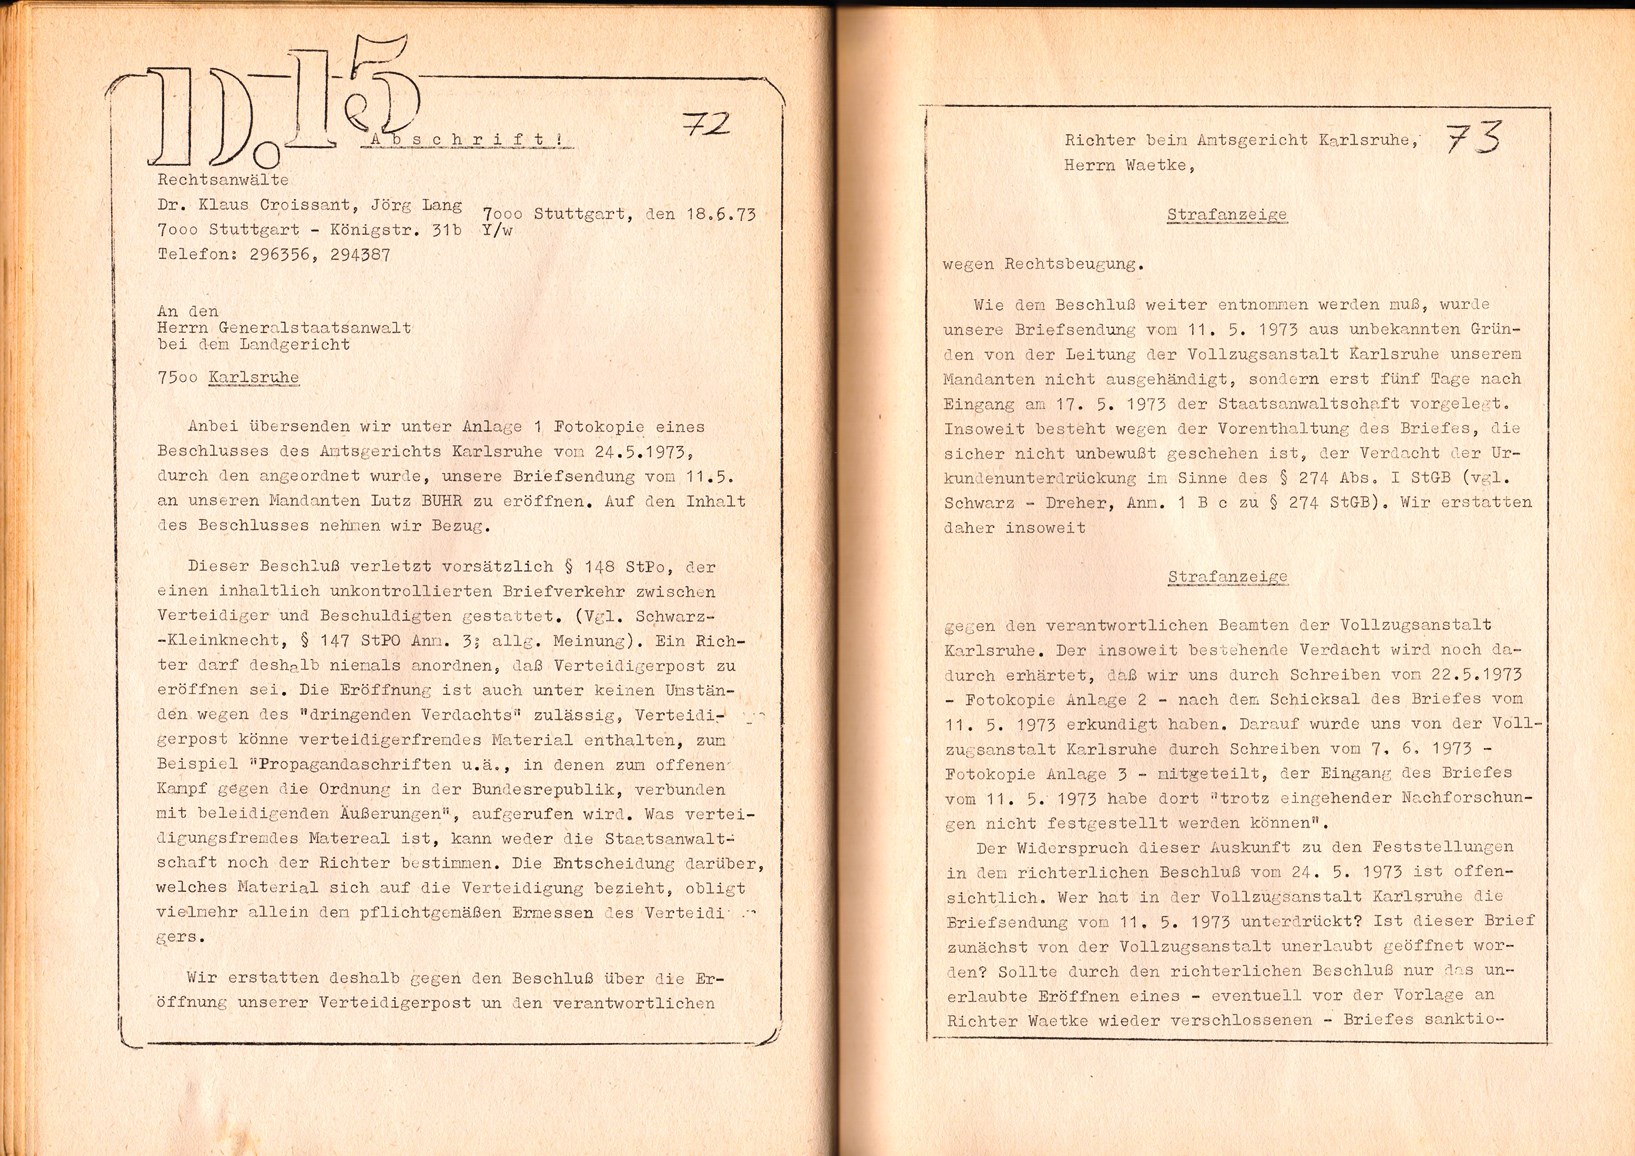 Wetzlar_Marburg_RH_SK_Lutz_Buhr_Knast_1973_37